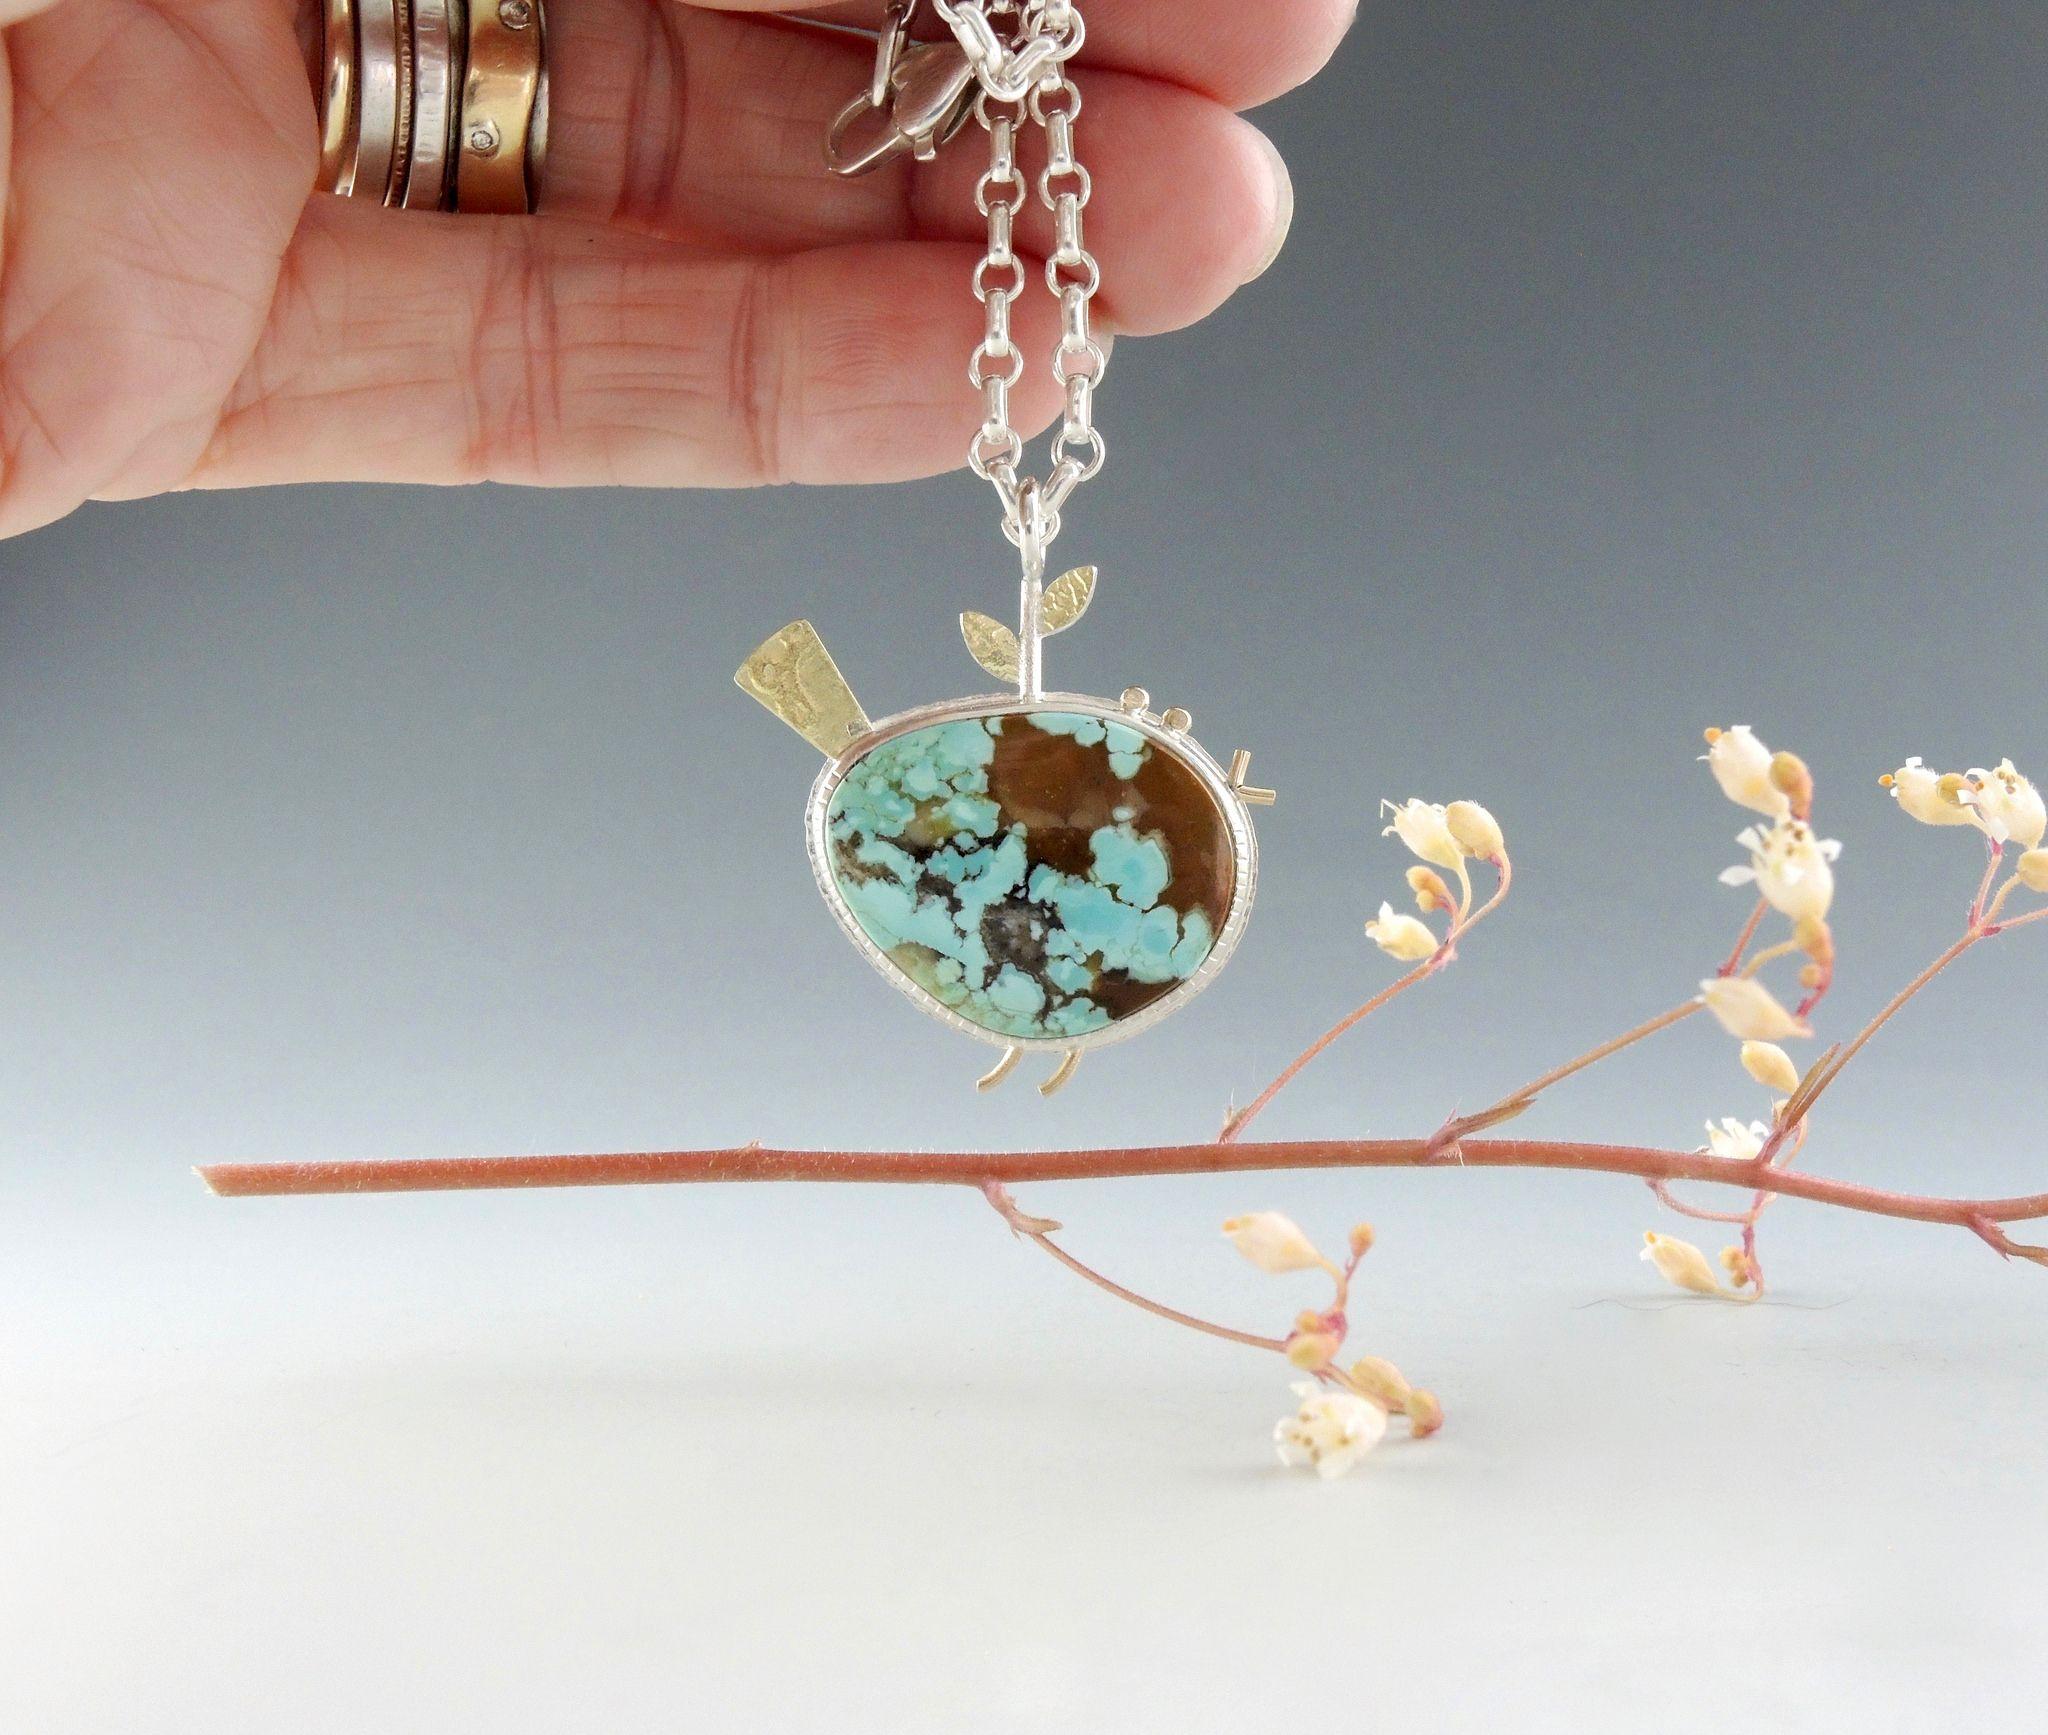 Handcrafted Sterling Silver,14kt Gold,18kt Gold Boulder Turquoise Bird Pendant